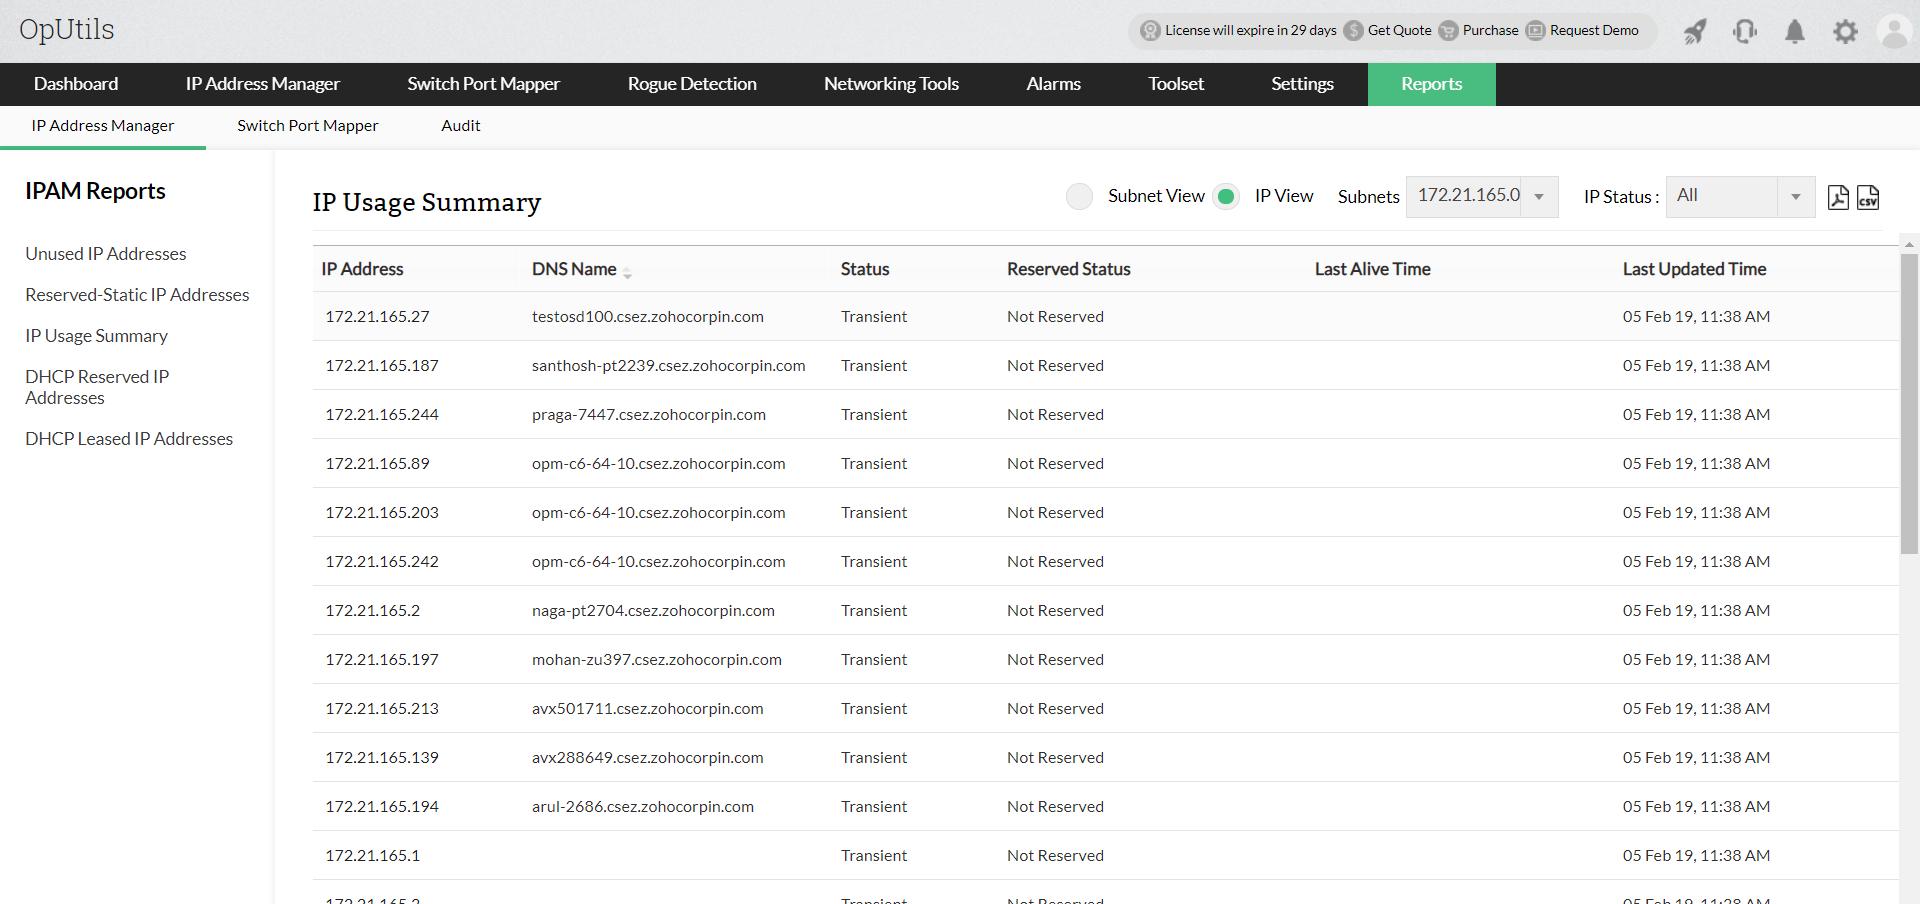 IP Adresi Yönetimi Raporları - ManageEngine Oputils